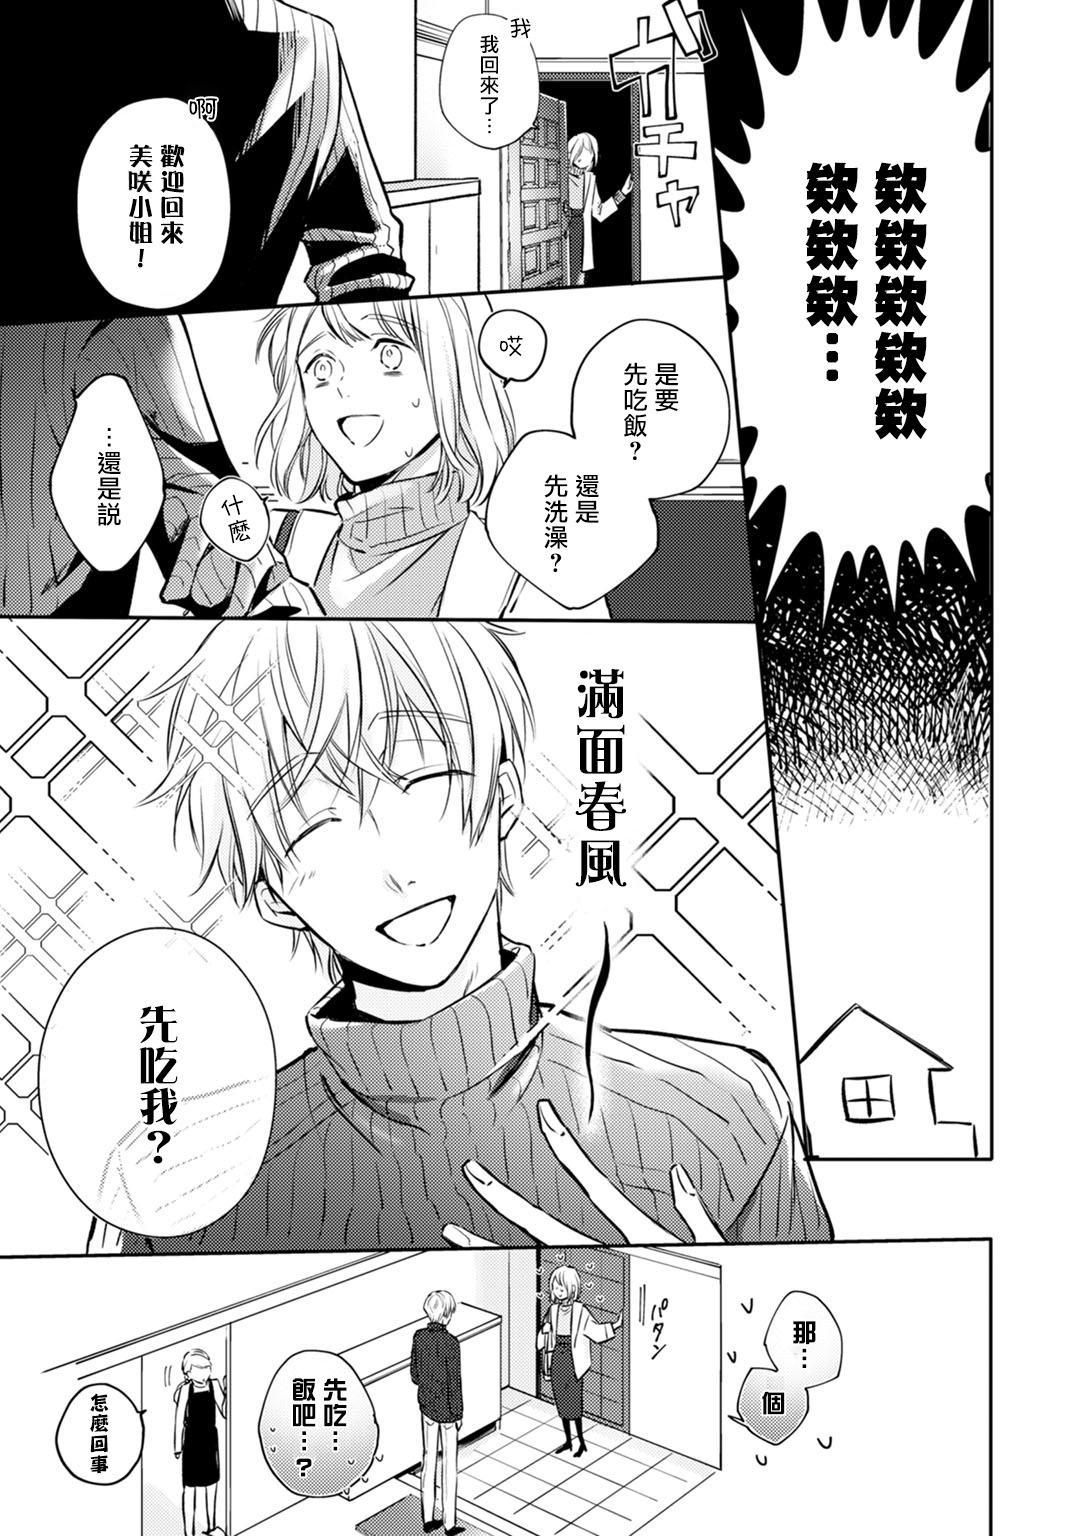 [Shichigatsu Motomi]  Sonna Kao shite, Sasotteru? ~Dekiai Shachou to Migawari Omiaikekkon!?~ 1-7 | 這種表情,在誘惑我嗎?~溺愛社長和替身相親結婚!? act.1 [Chinese] [拾荒者汉化组] 33